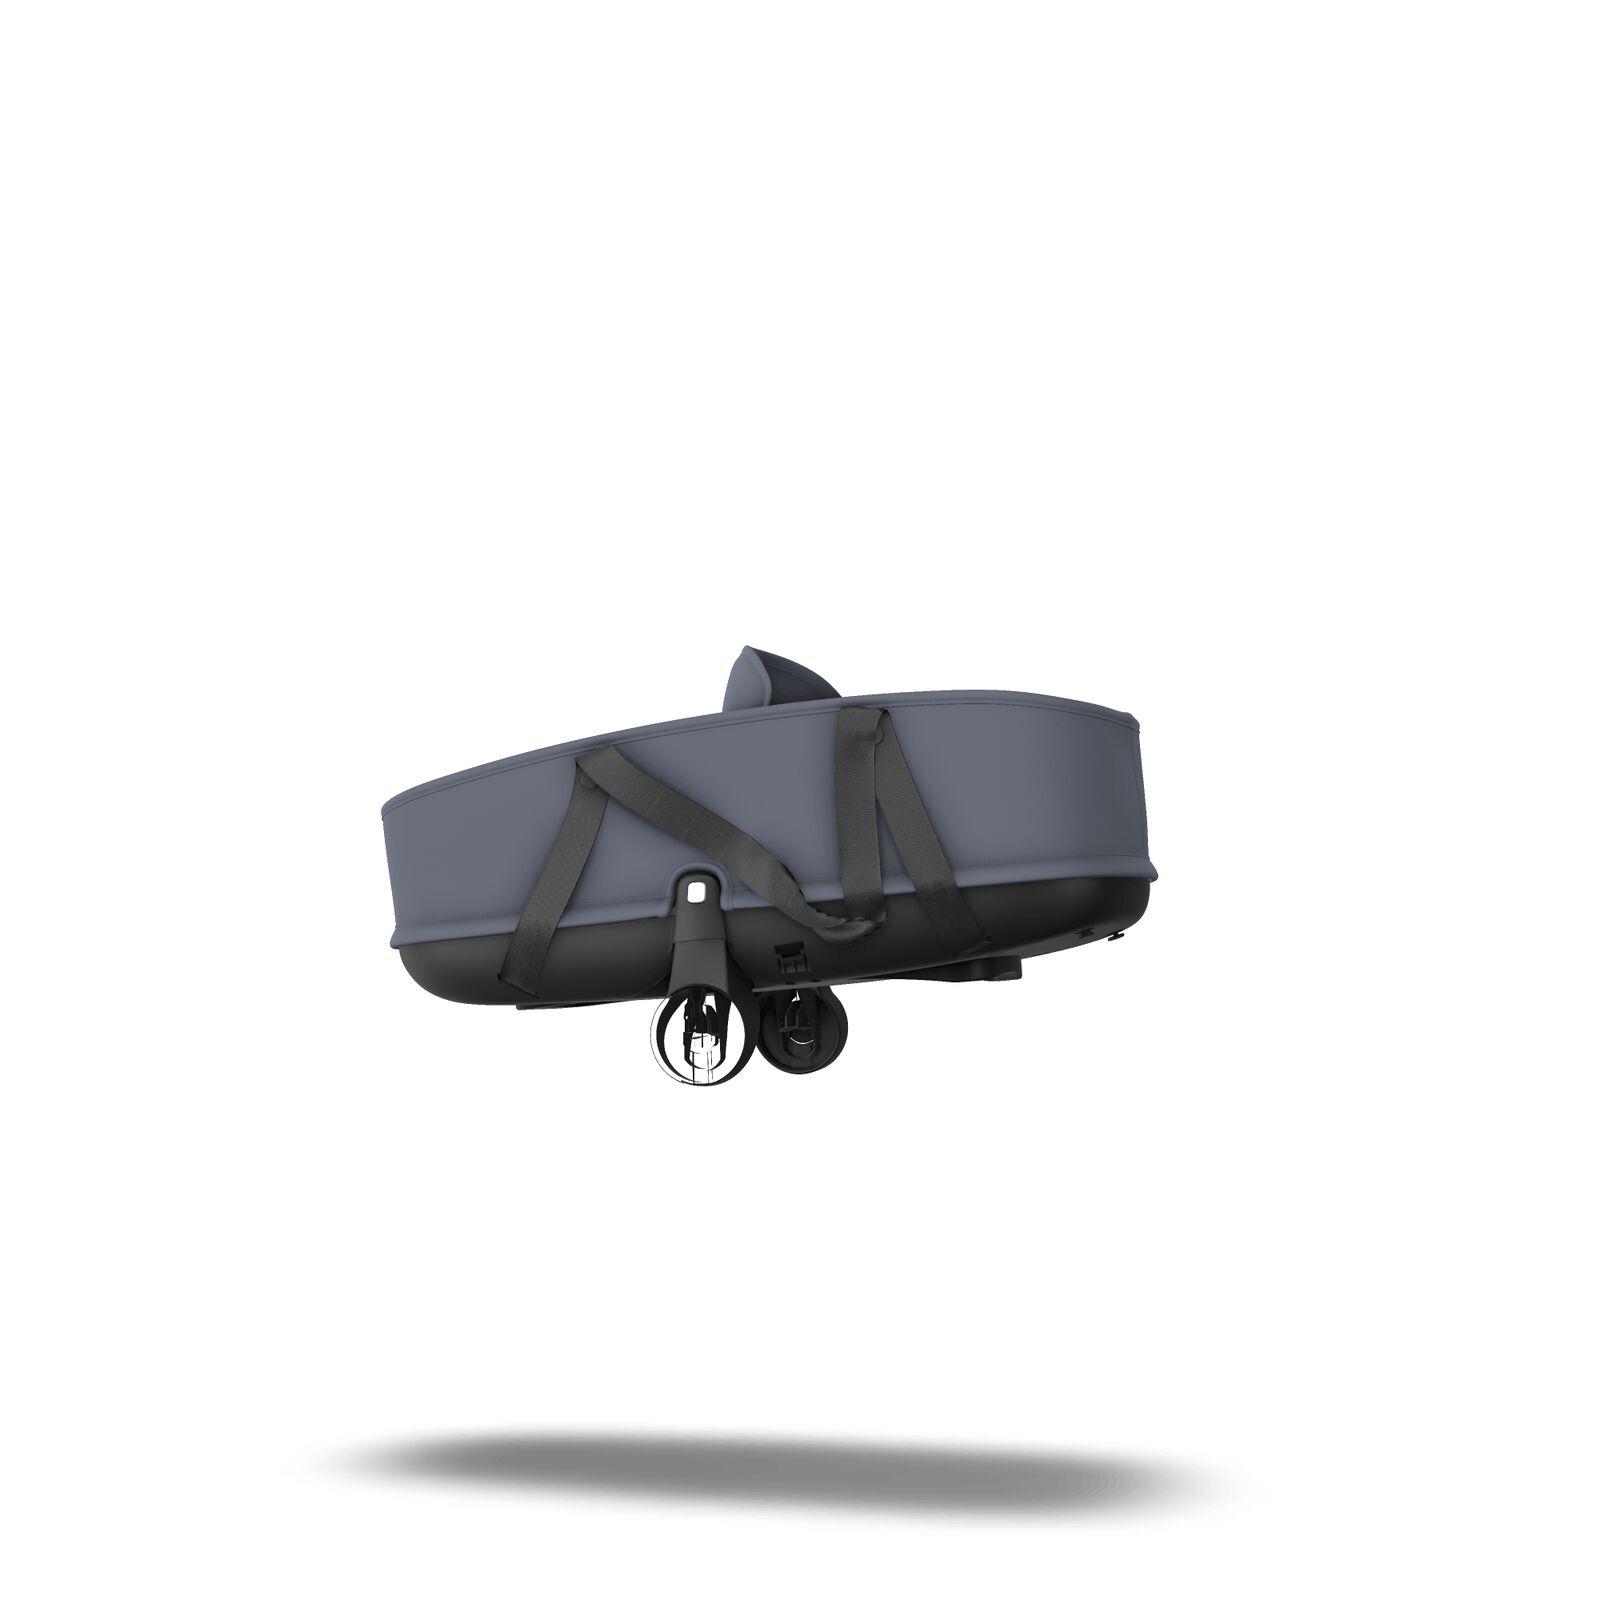 Bugaboo Bee 5 bassinet complete (including bassinet base)